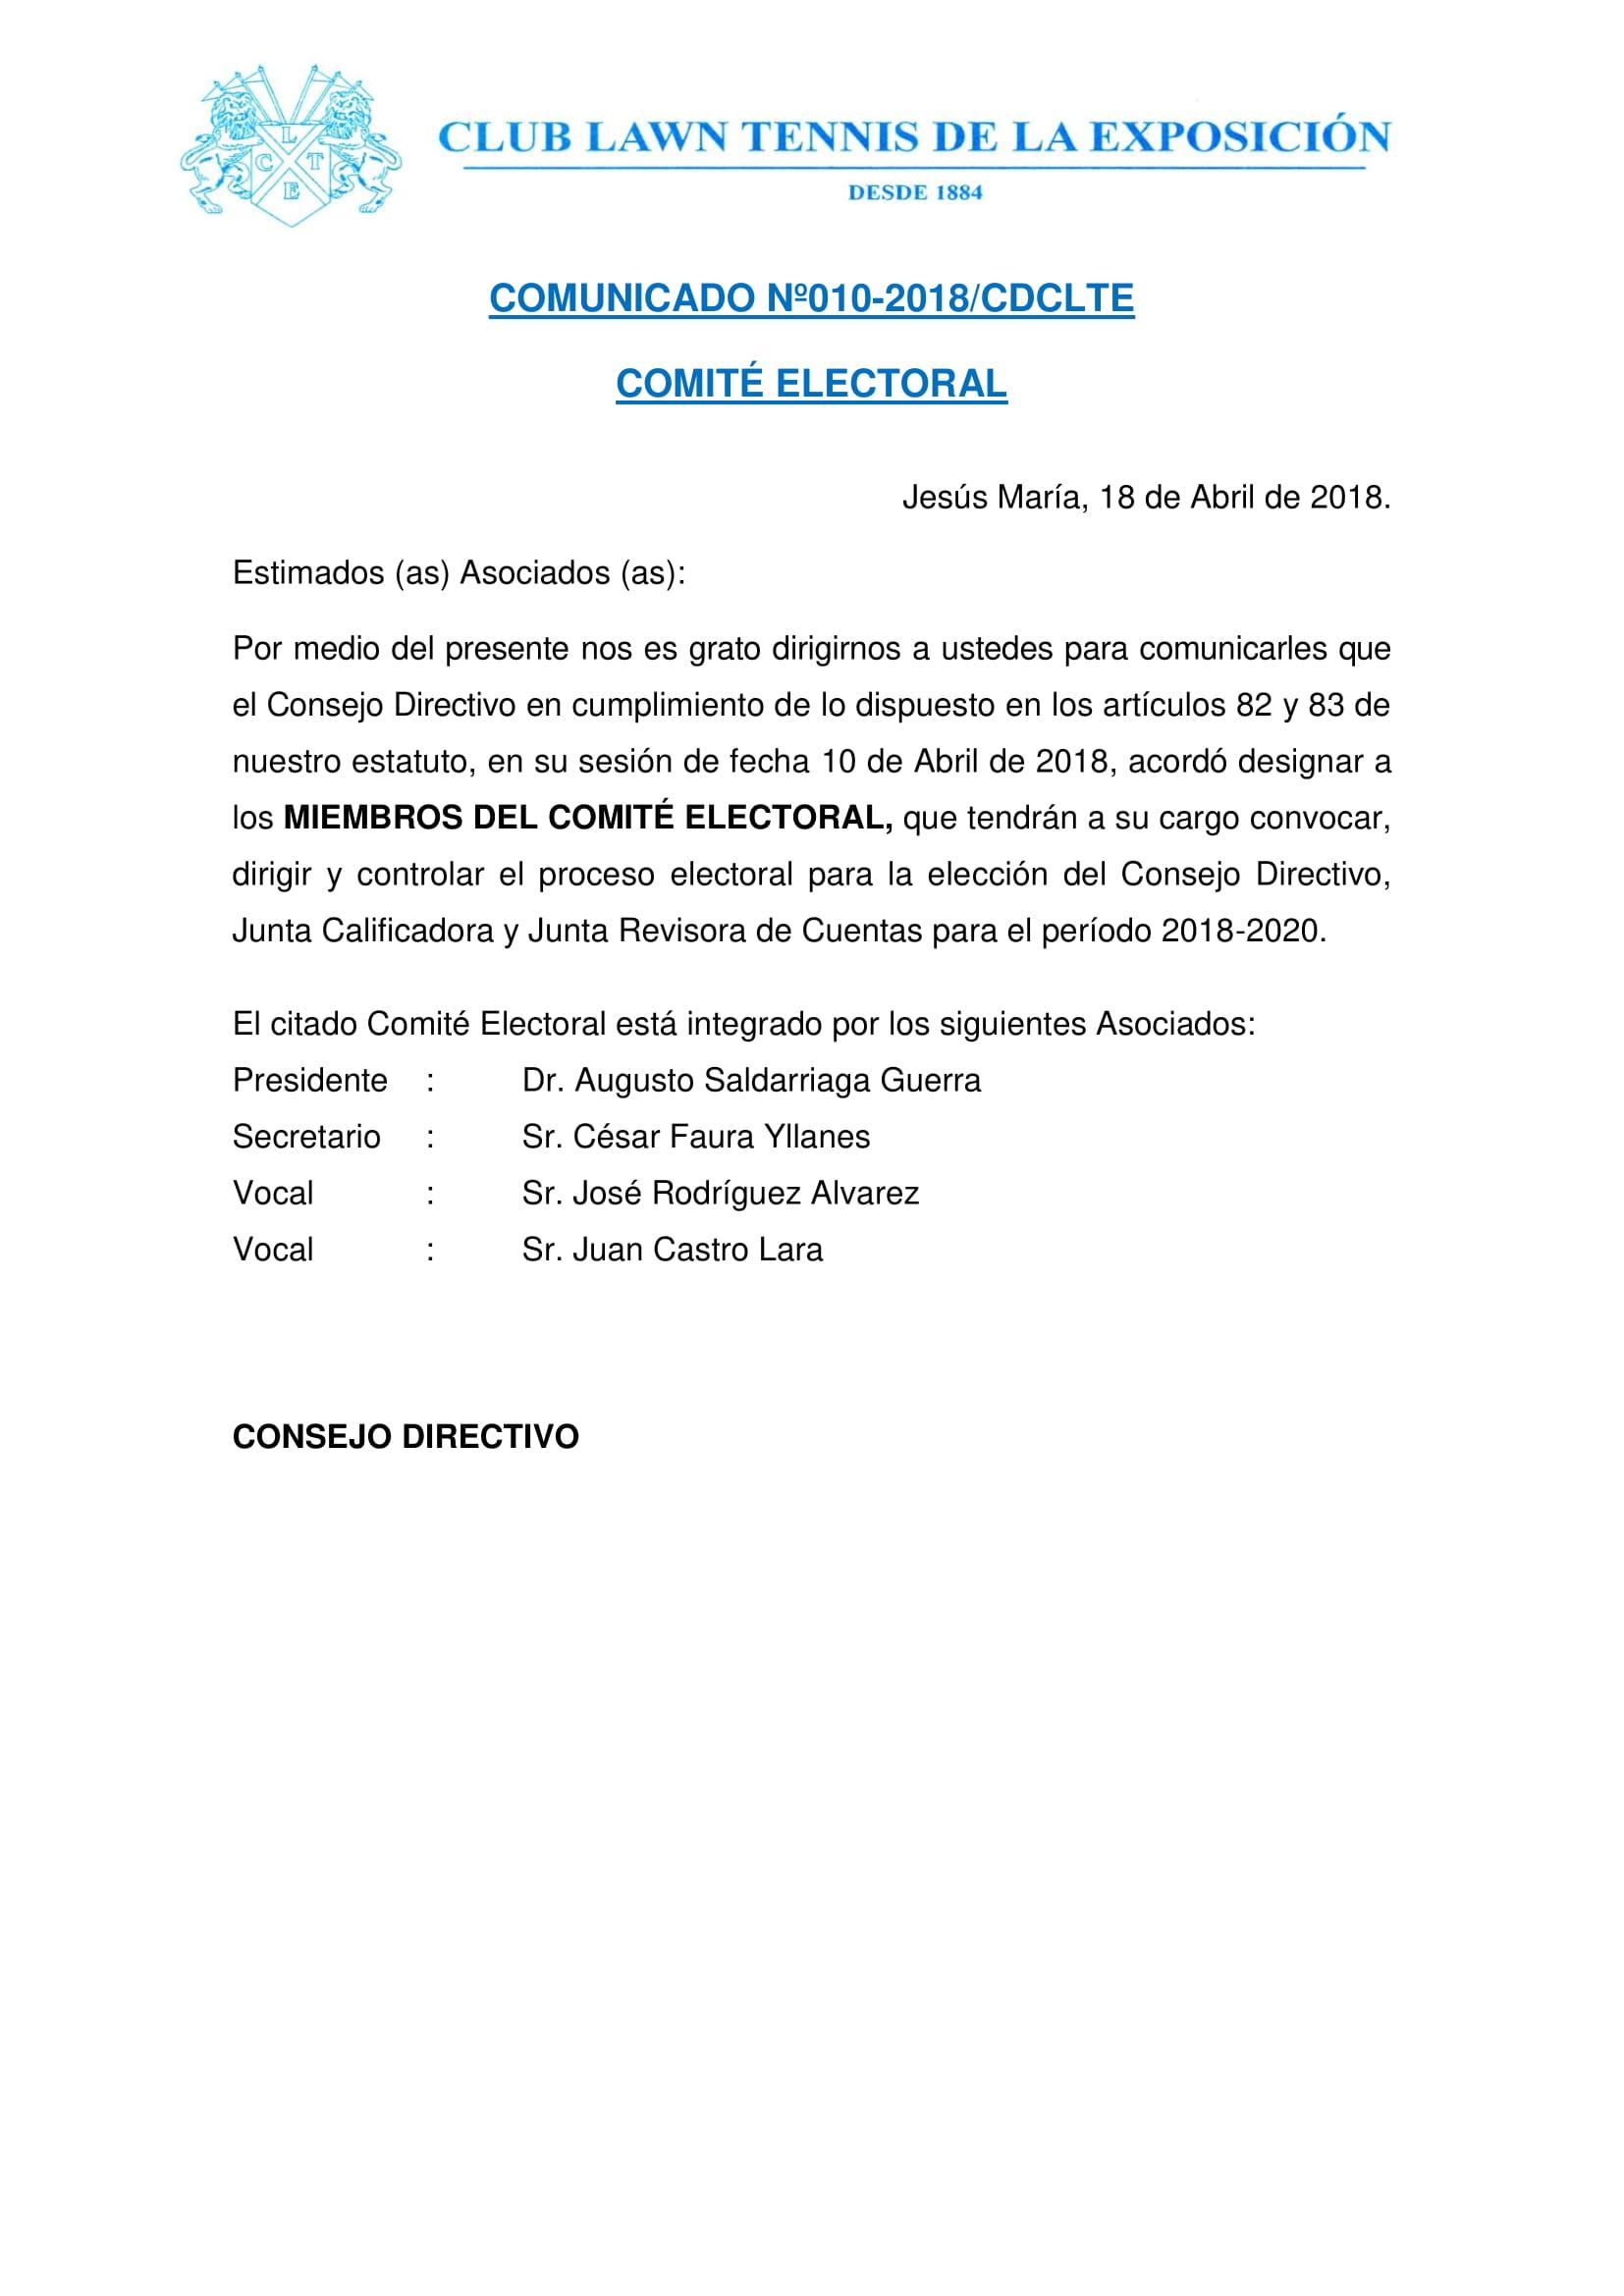 Comunicado 010 - COMITE ELECTORAL